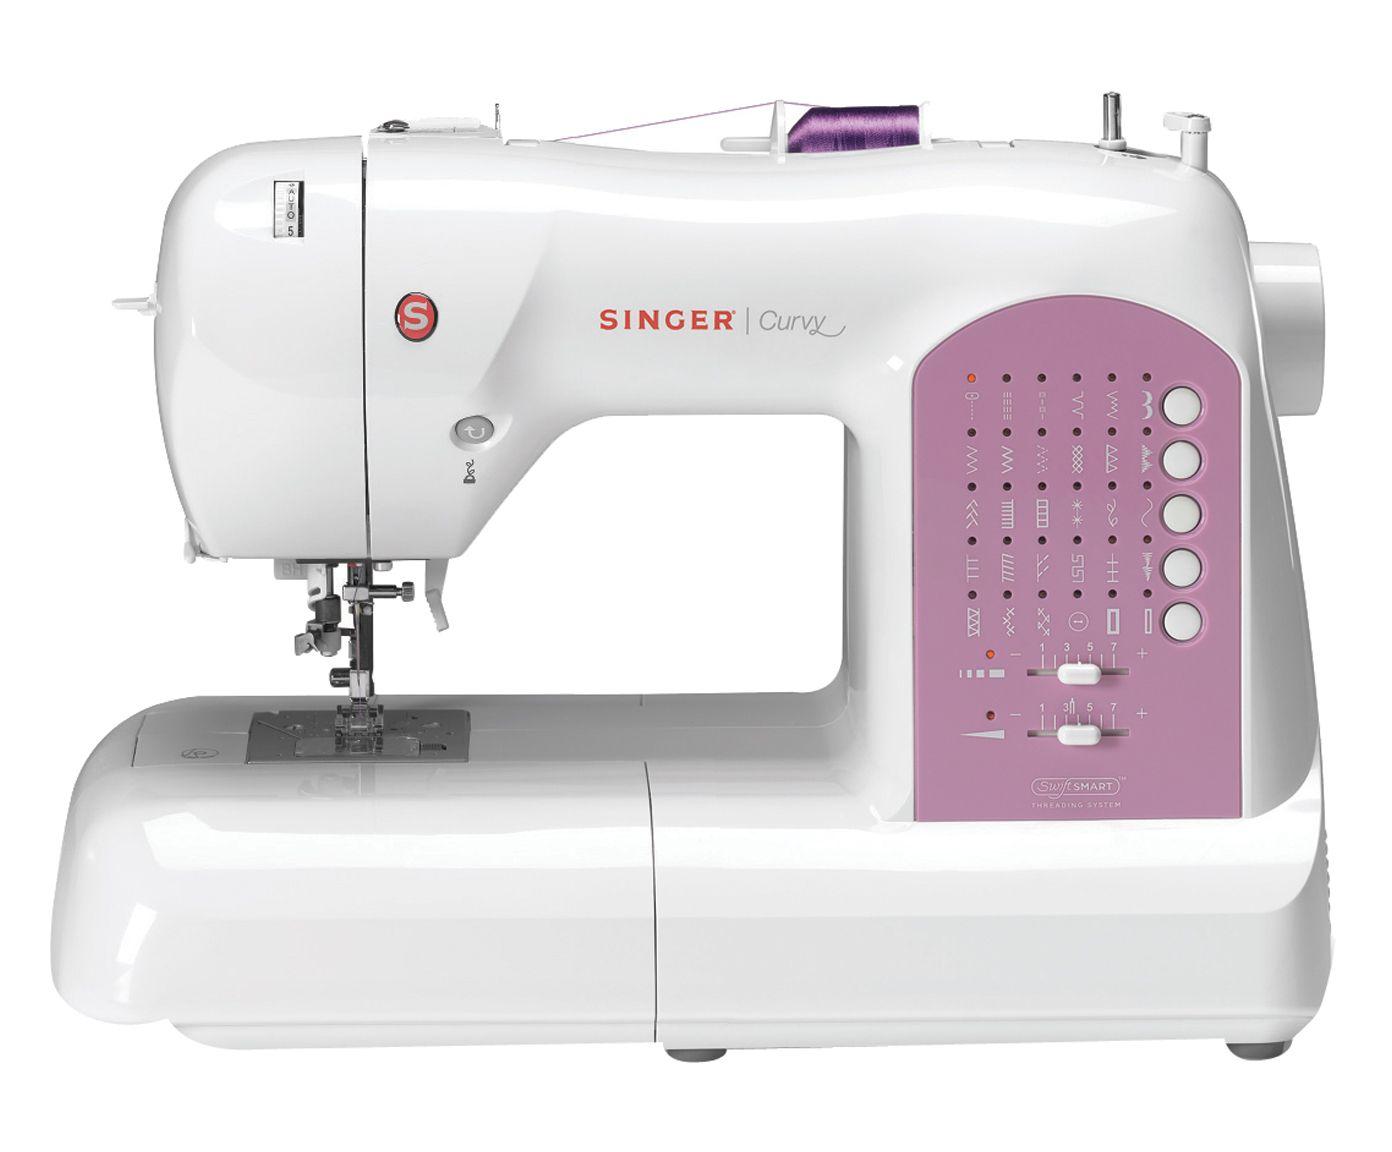 Macchina per cucire elettronica Curvy 8763 319e su Dalani Home & Living